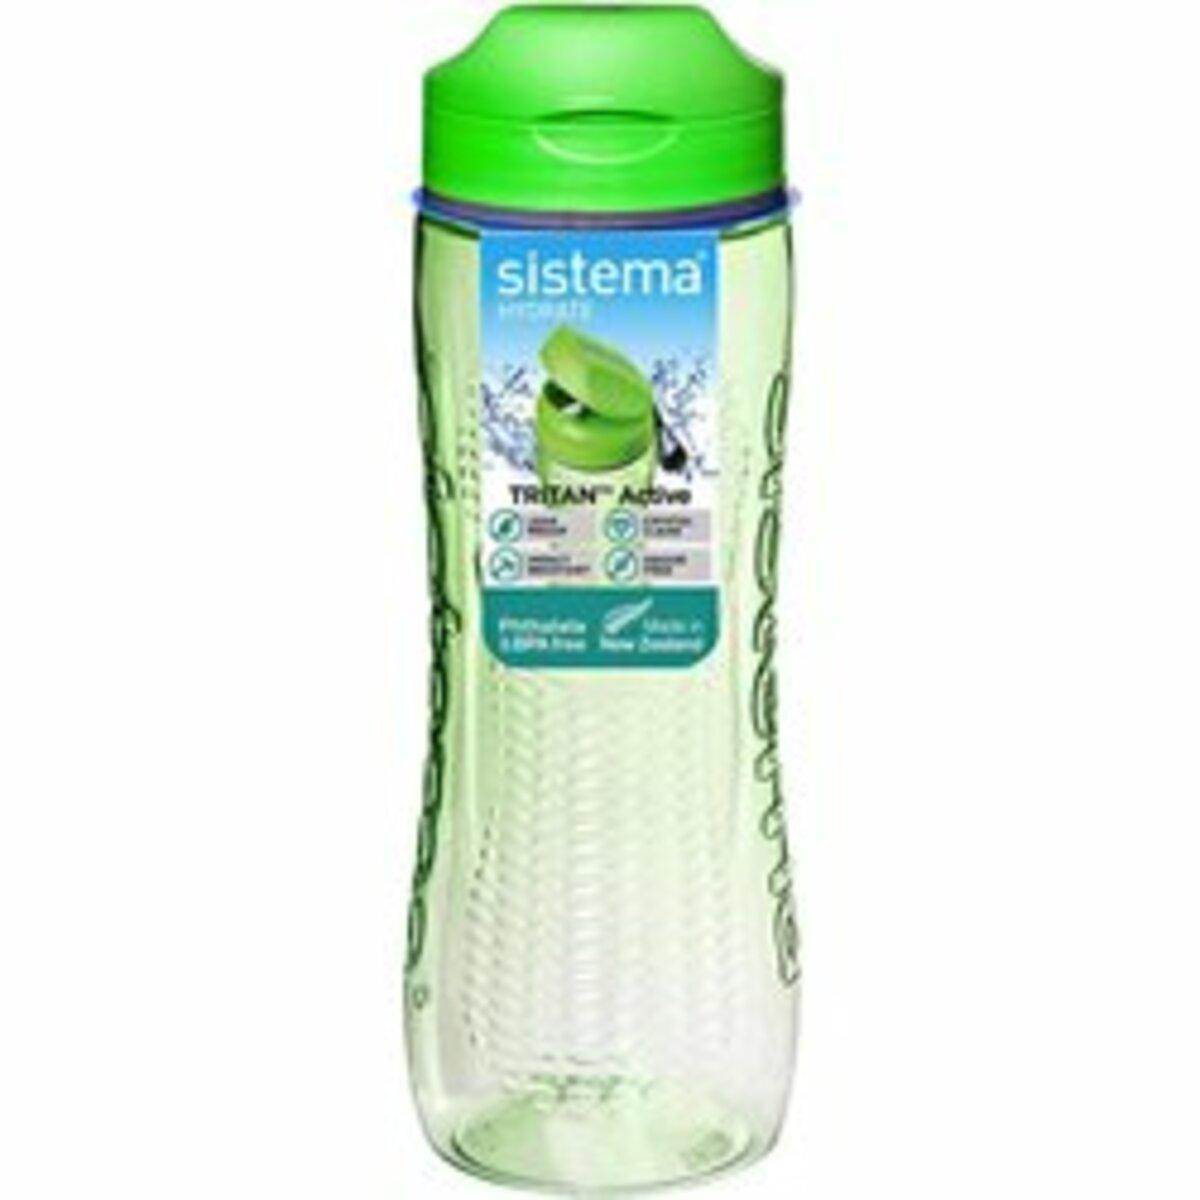 Bild 2 von Sistema - Trinkflasche Tritan Active, 800ml, sortiert